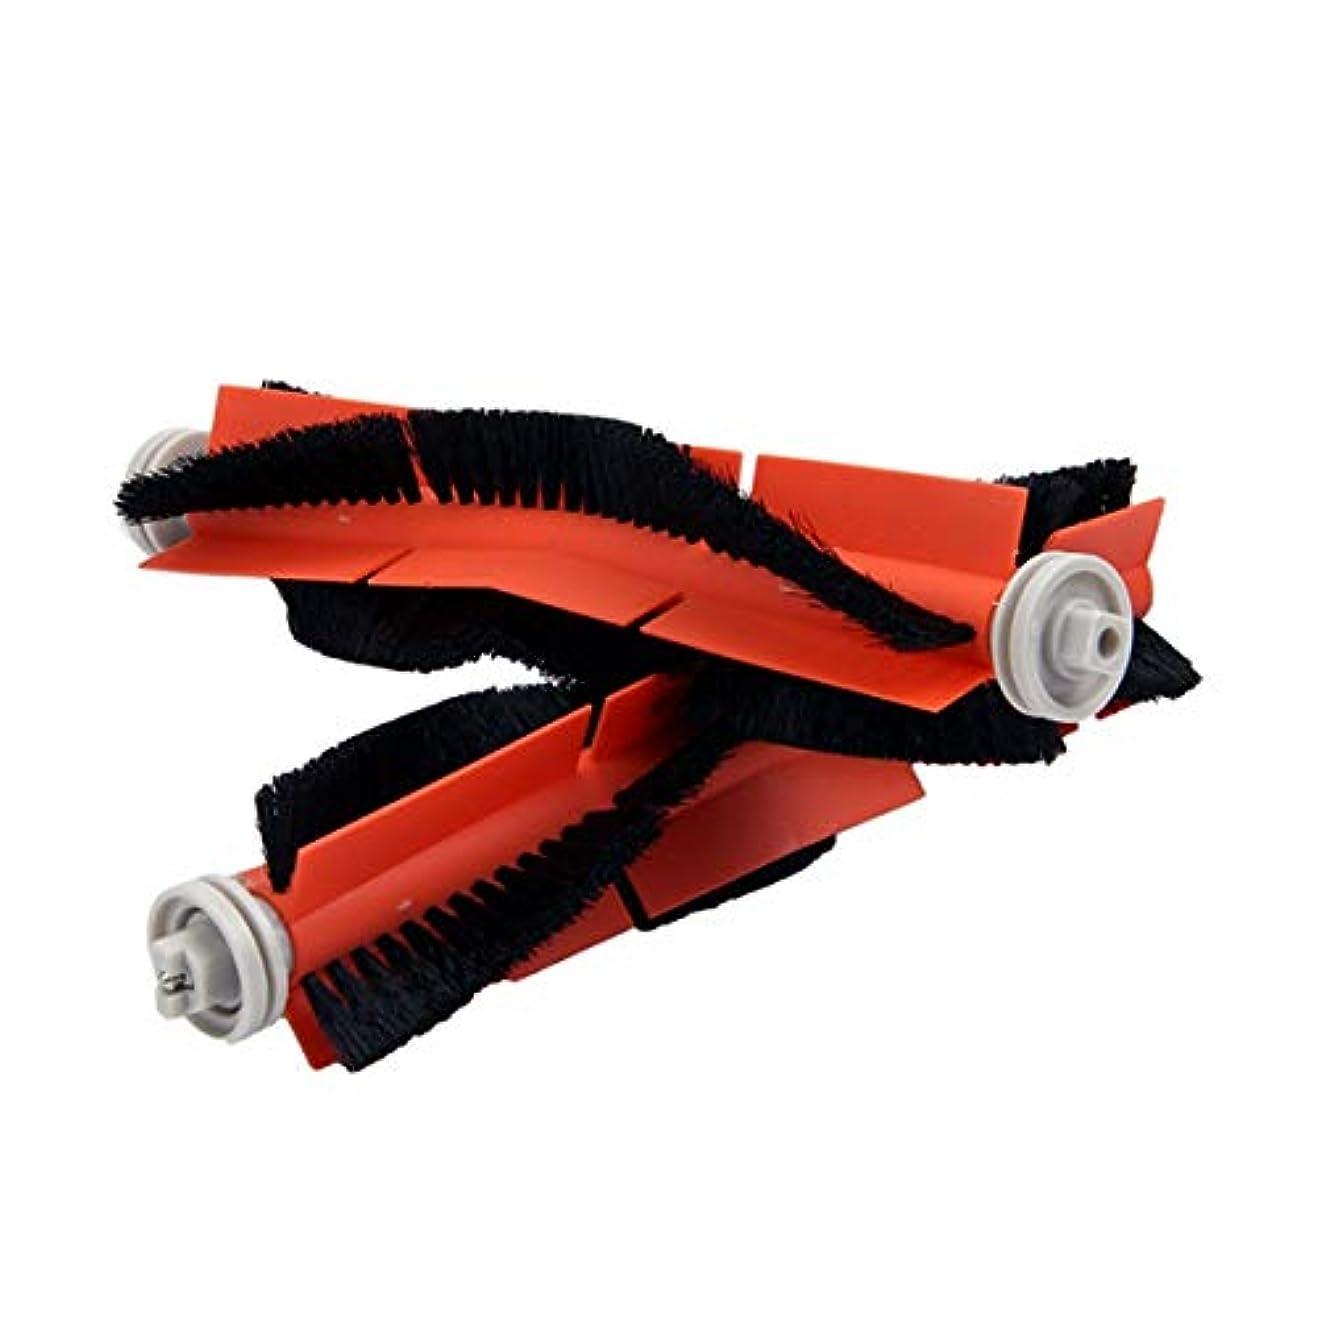 ばかげている入力ブラケットACAMPTAR 掃除機部品アクセサリー / roborock用アクセサリー3 本 サイドブラシ2個 HEPAフィルター2個 メインブラシ1個 クリーニングツール